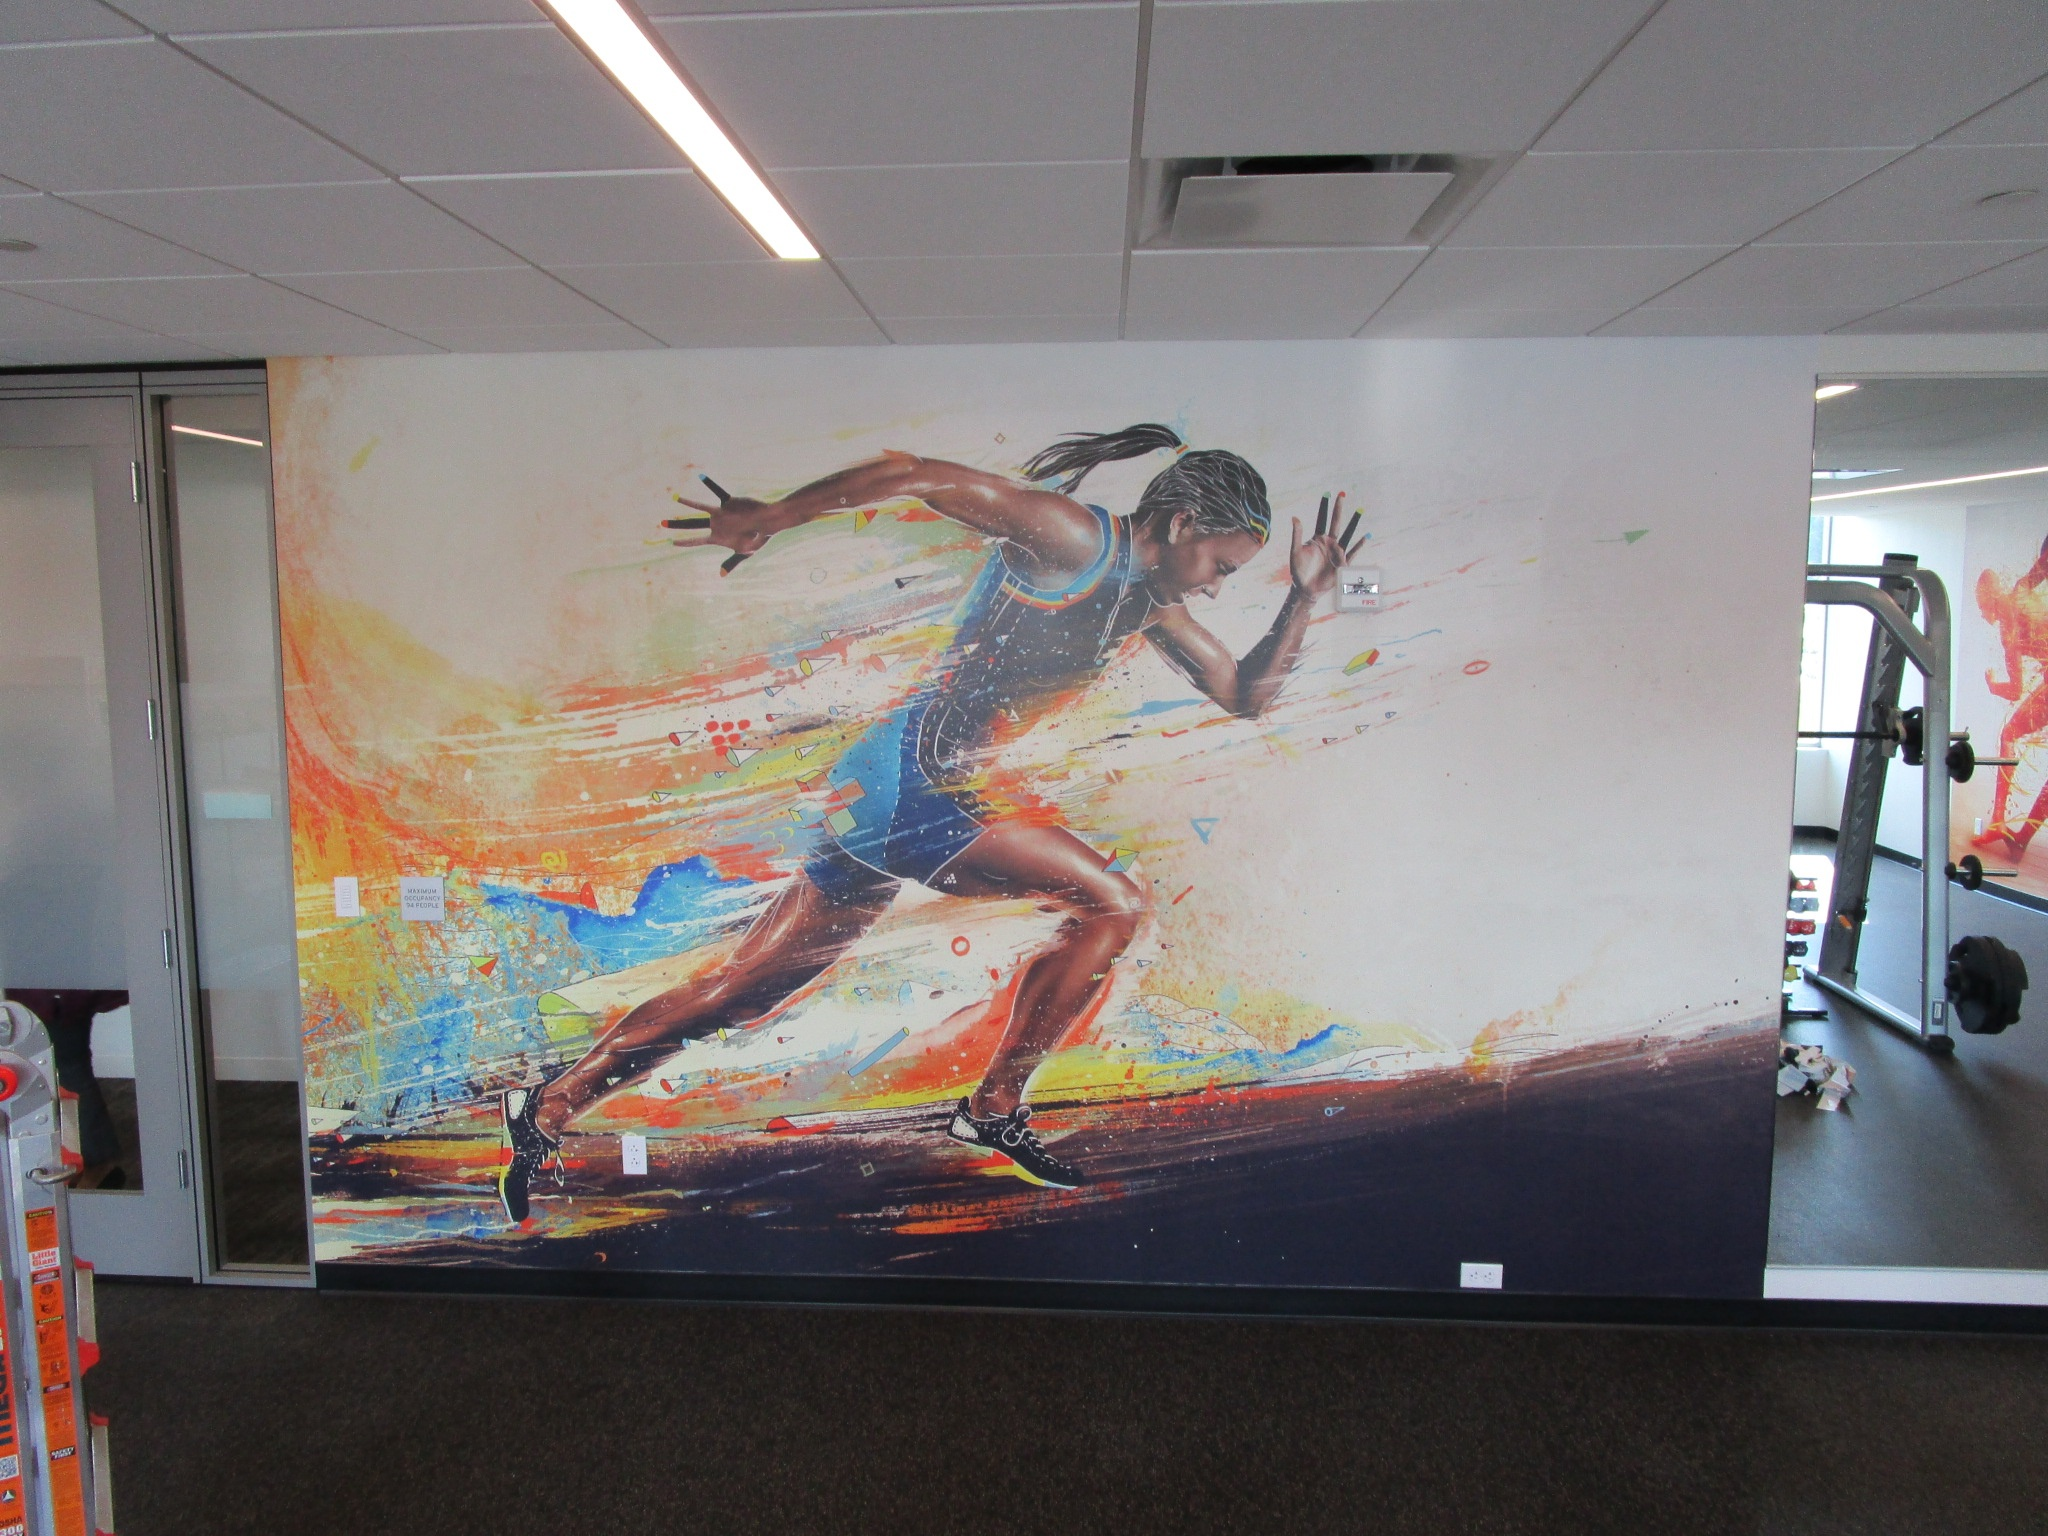 Inspirational Wall Murals Cleveland